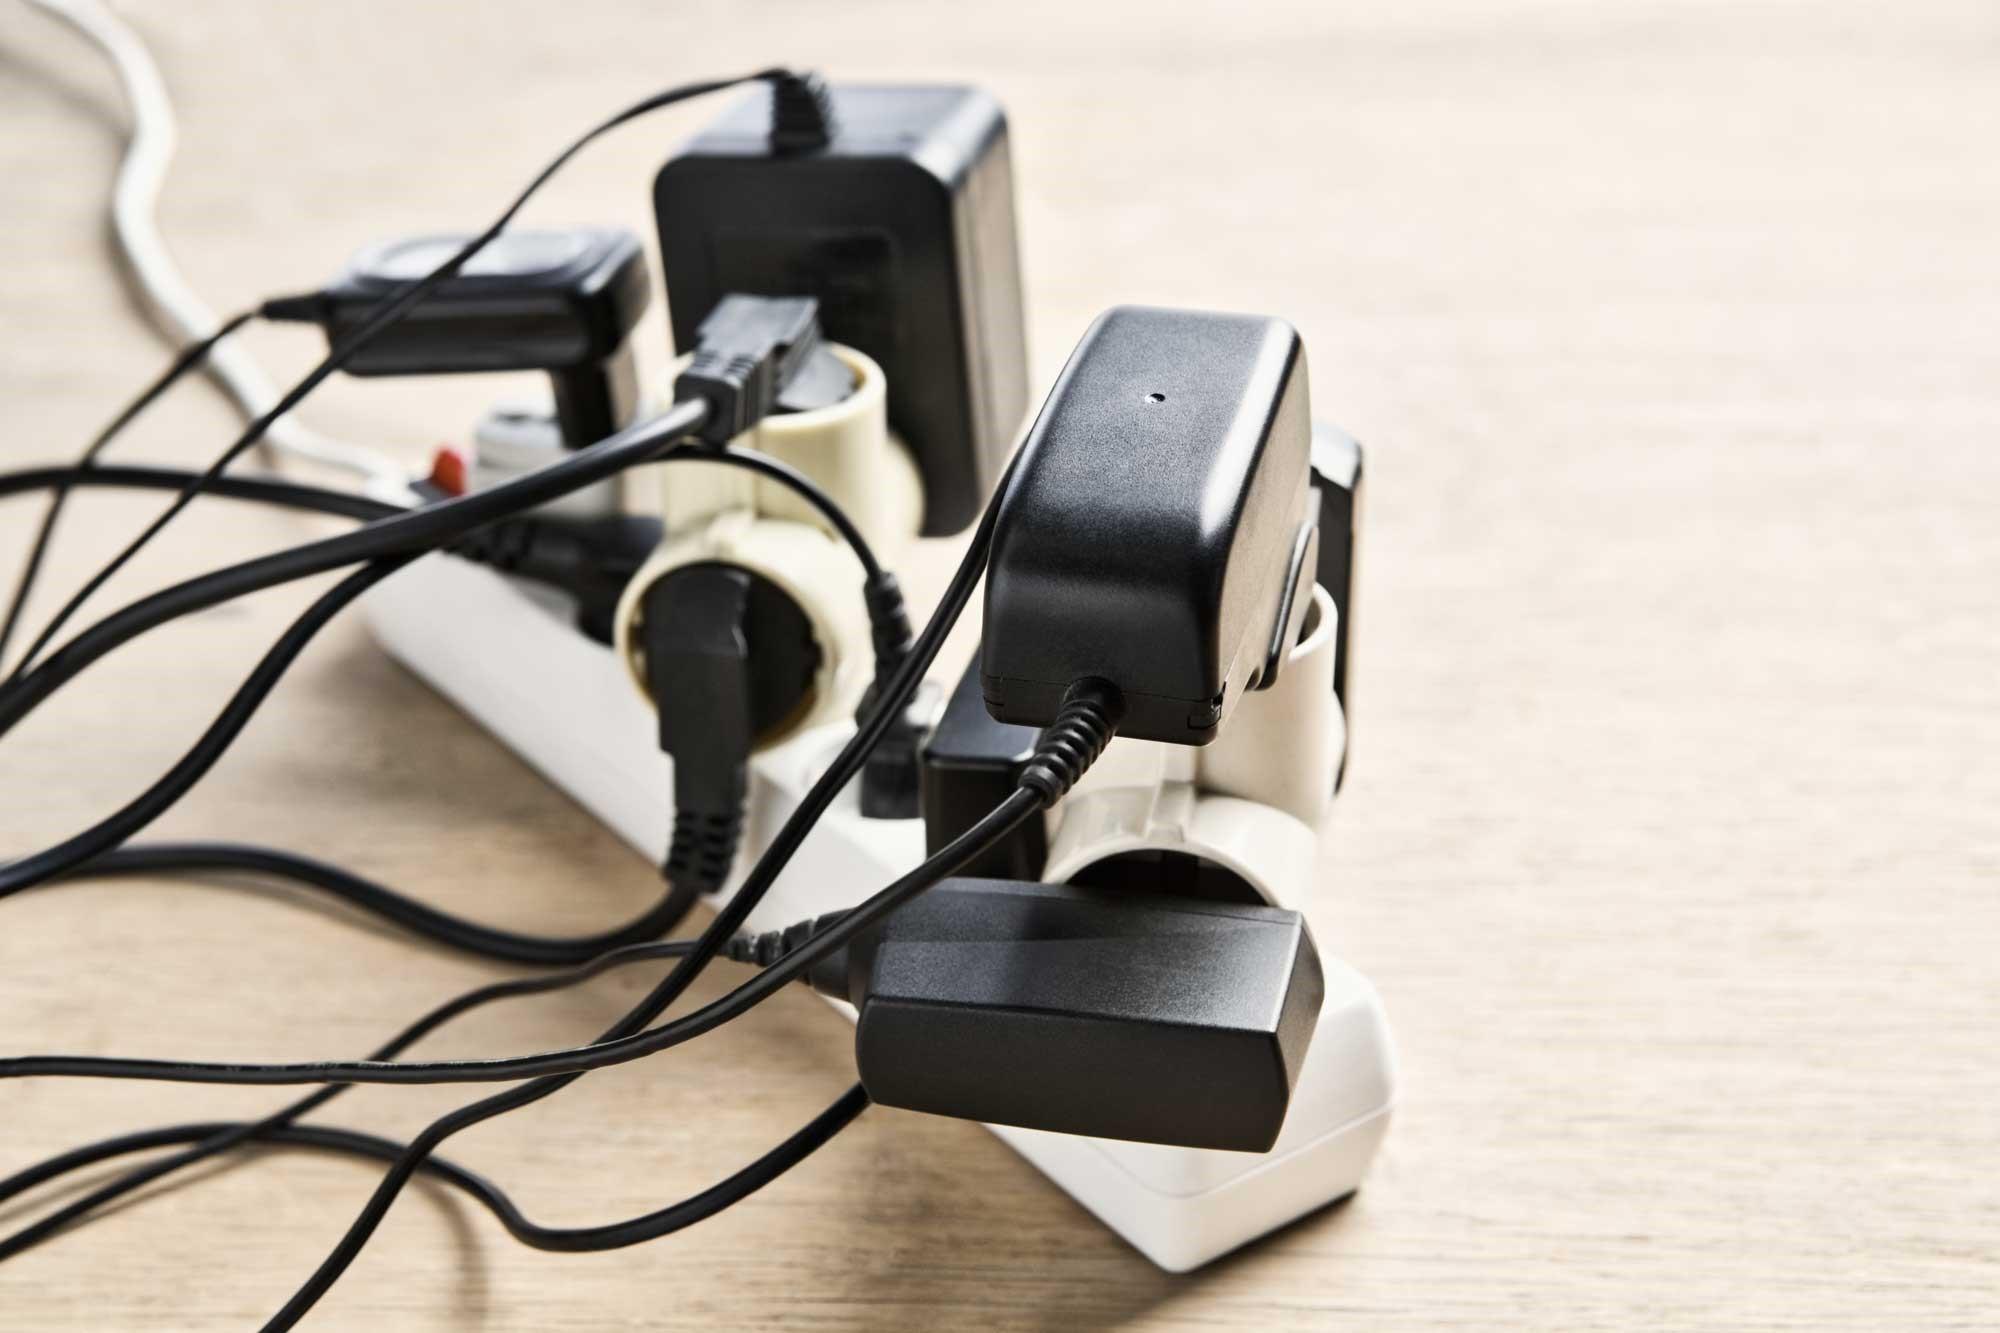 Kontrolle elektrischer Niederspannungsinstallationen beim Eigentumswechsel